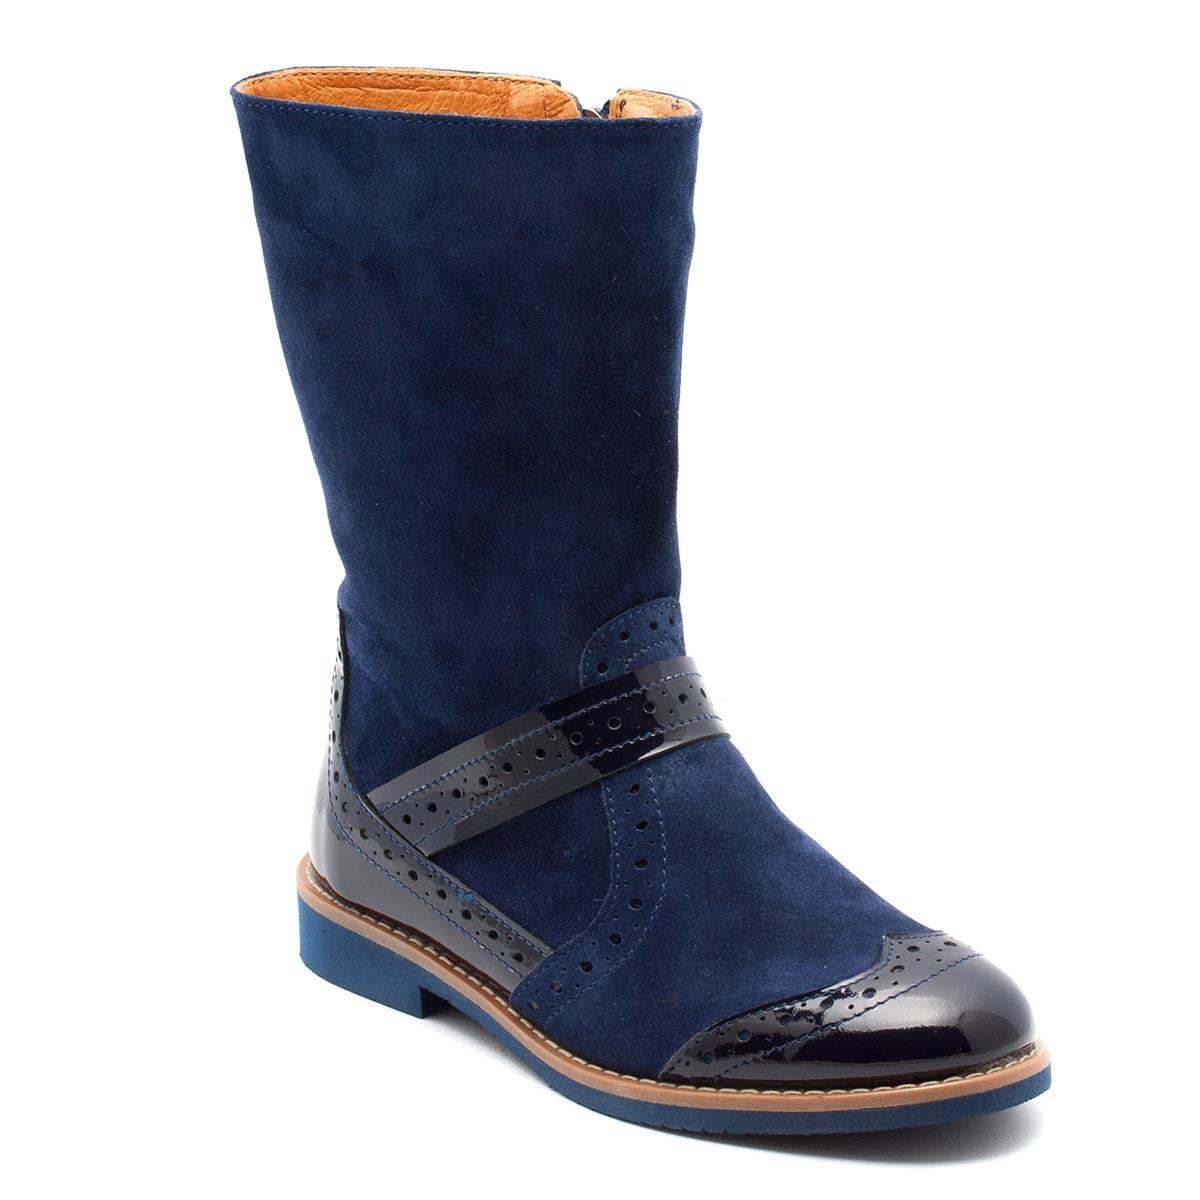 Замшевые сапоги FS Сollection для девочки, демисезонные, размер 28-35